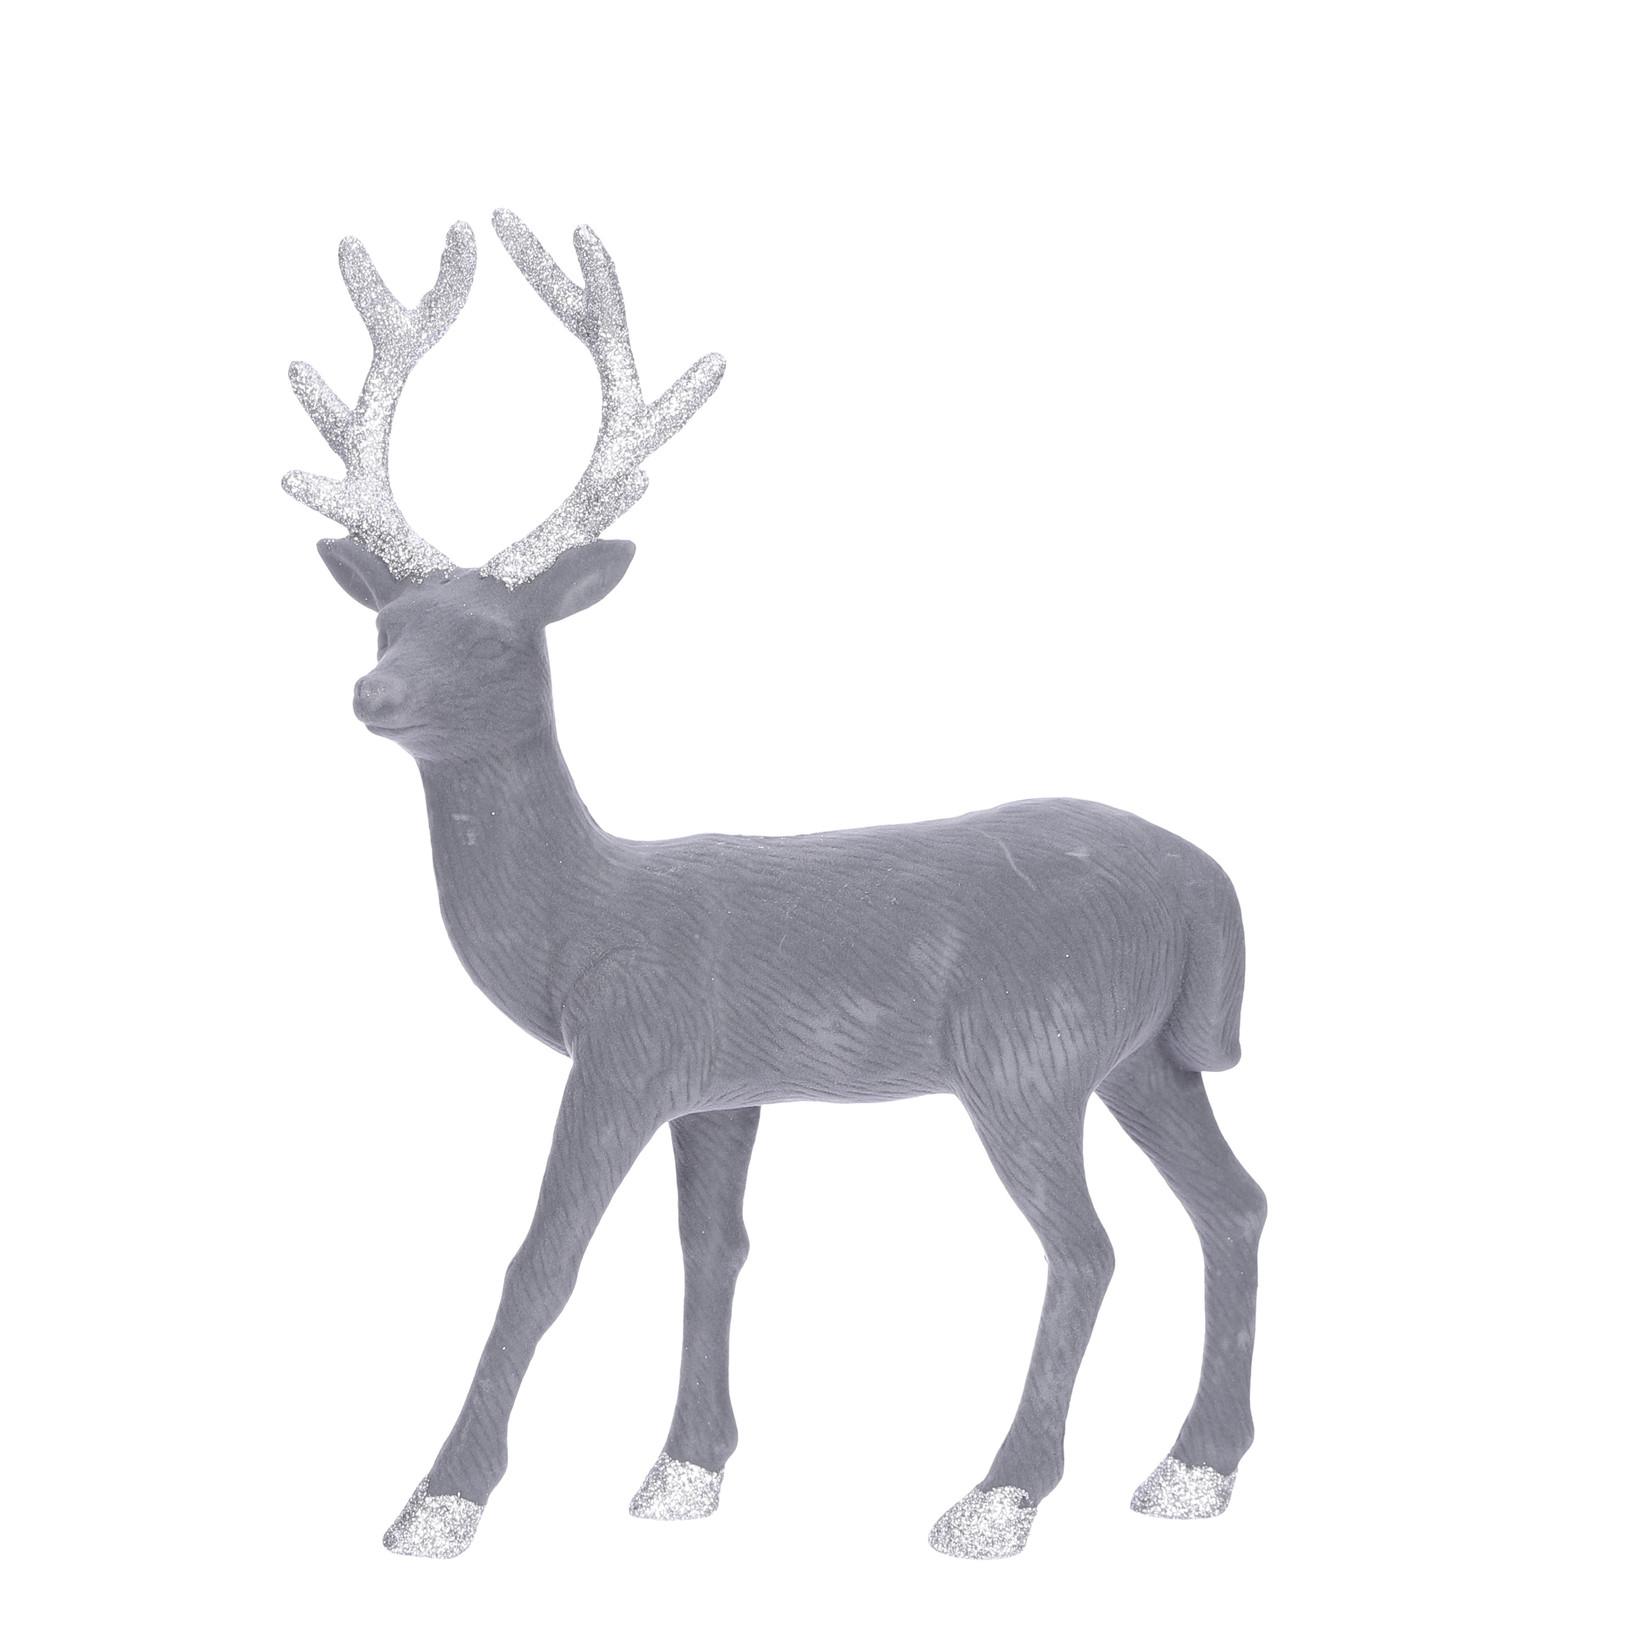 House of Seasons Deer gray